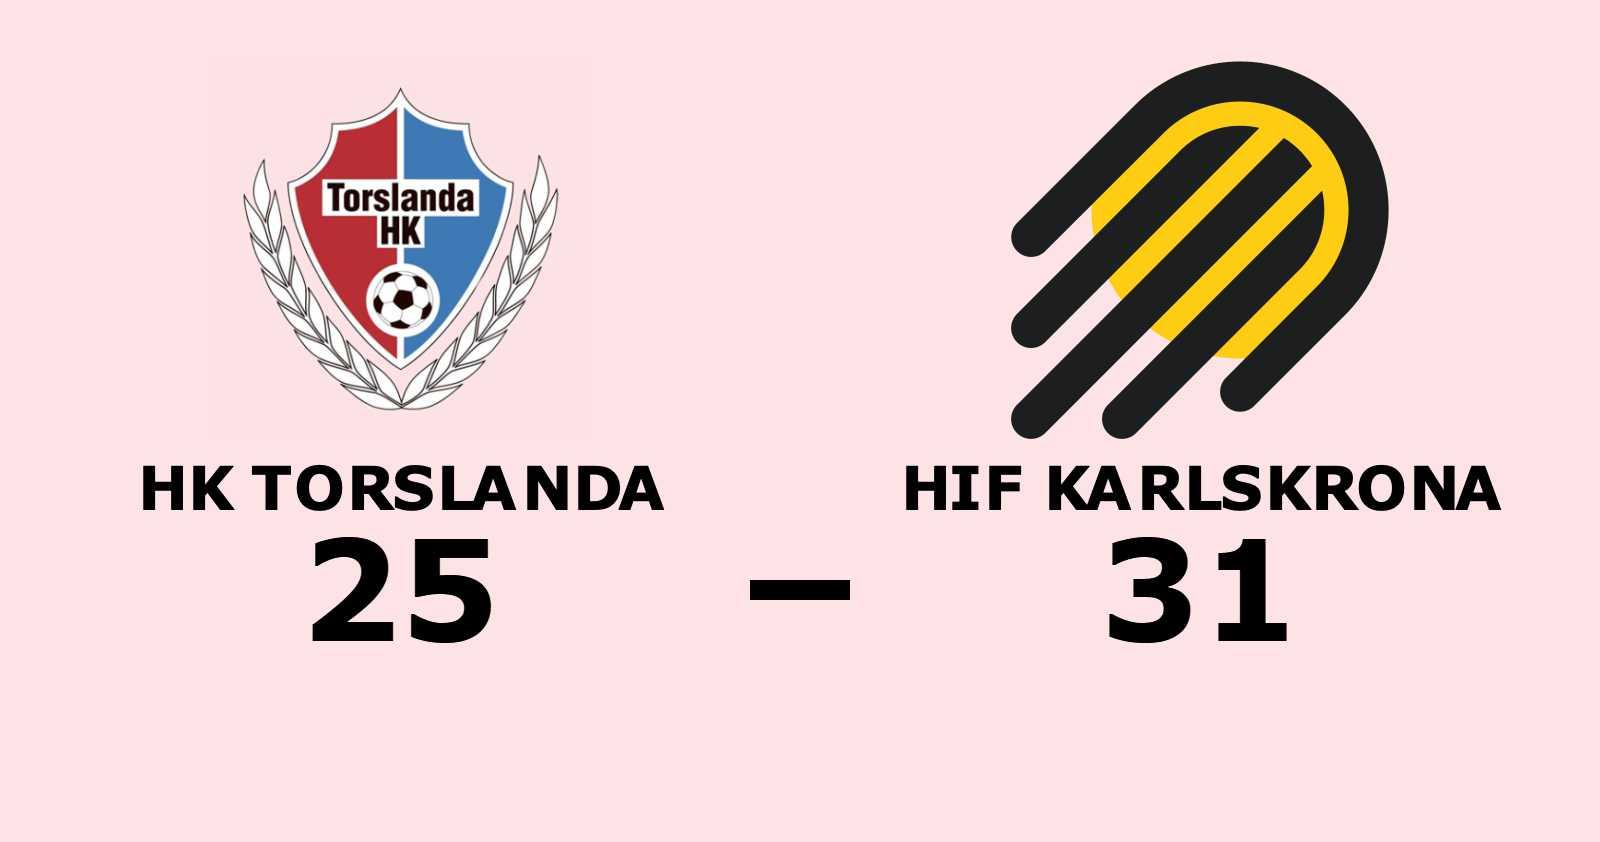 Förlust för HK Torslanda hemma mot HIF Karlskrona